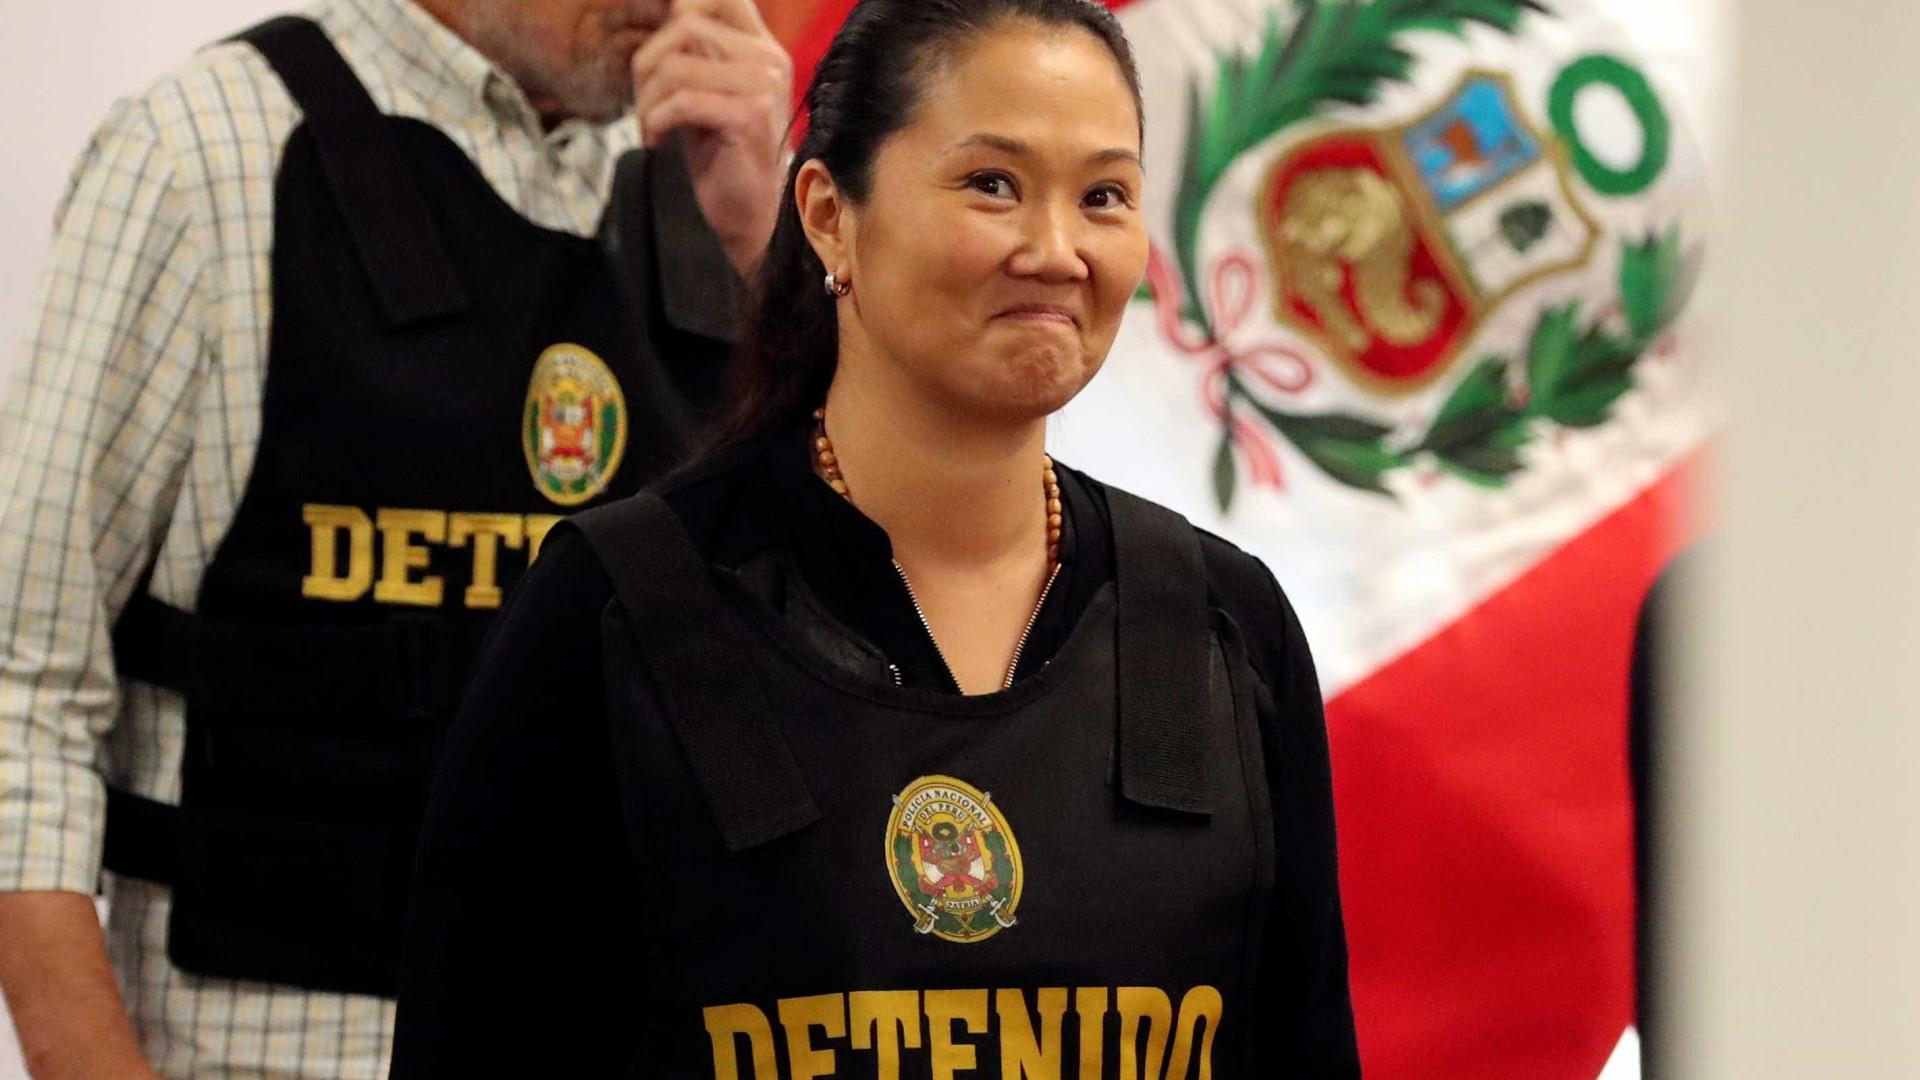 Justiça reverte prisão preventiva de Keiko Fujimori no caso Odebrecht